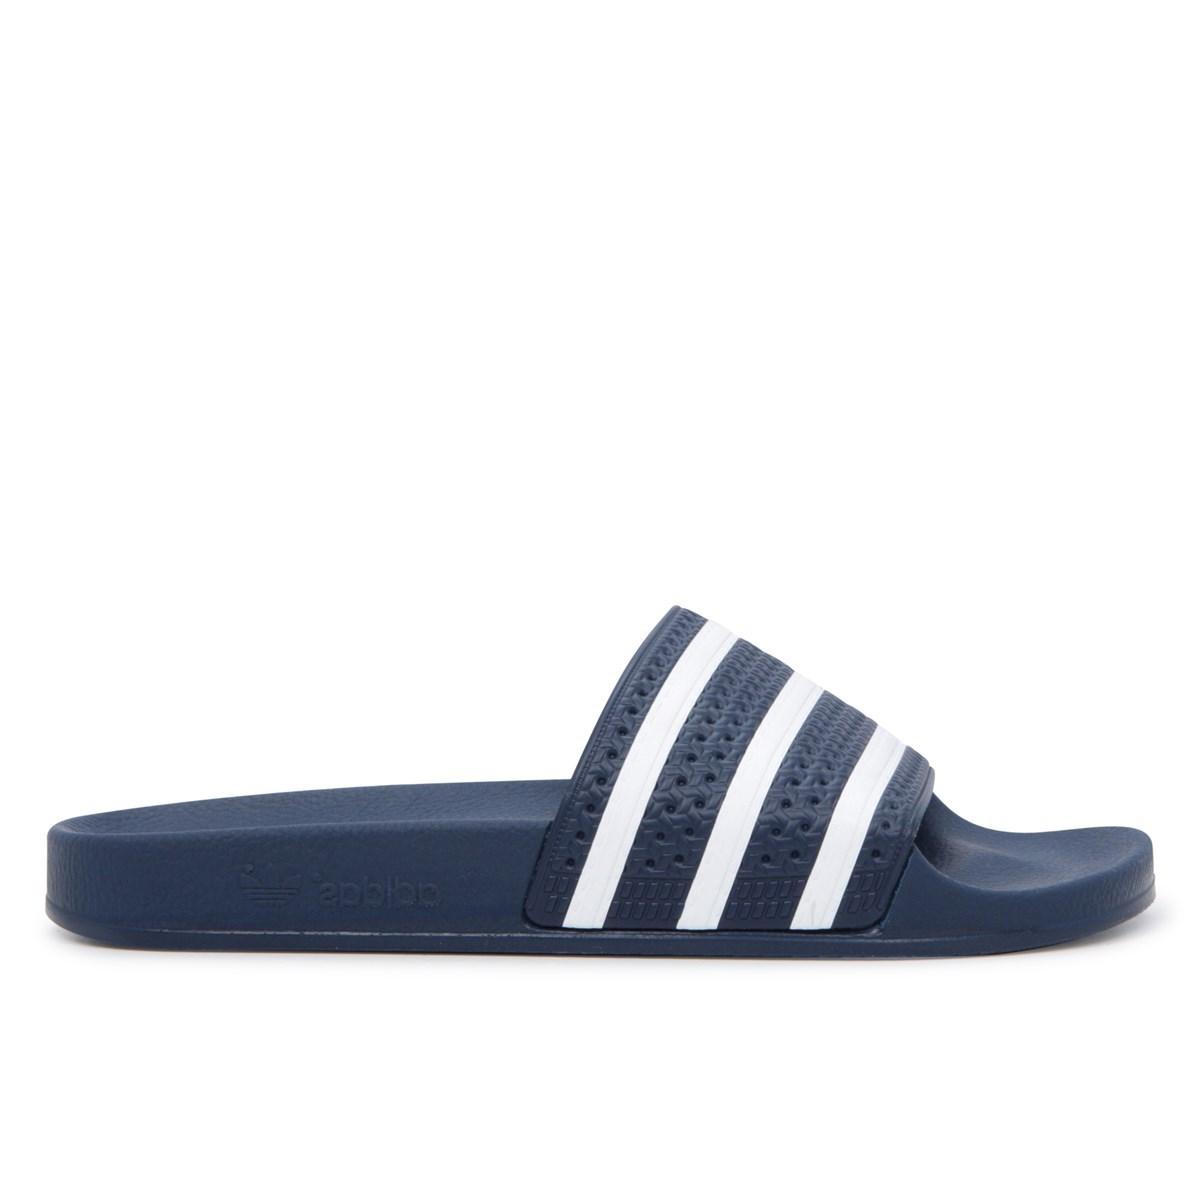 Adilette Blue Slide Sandal